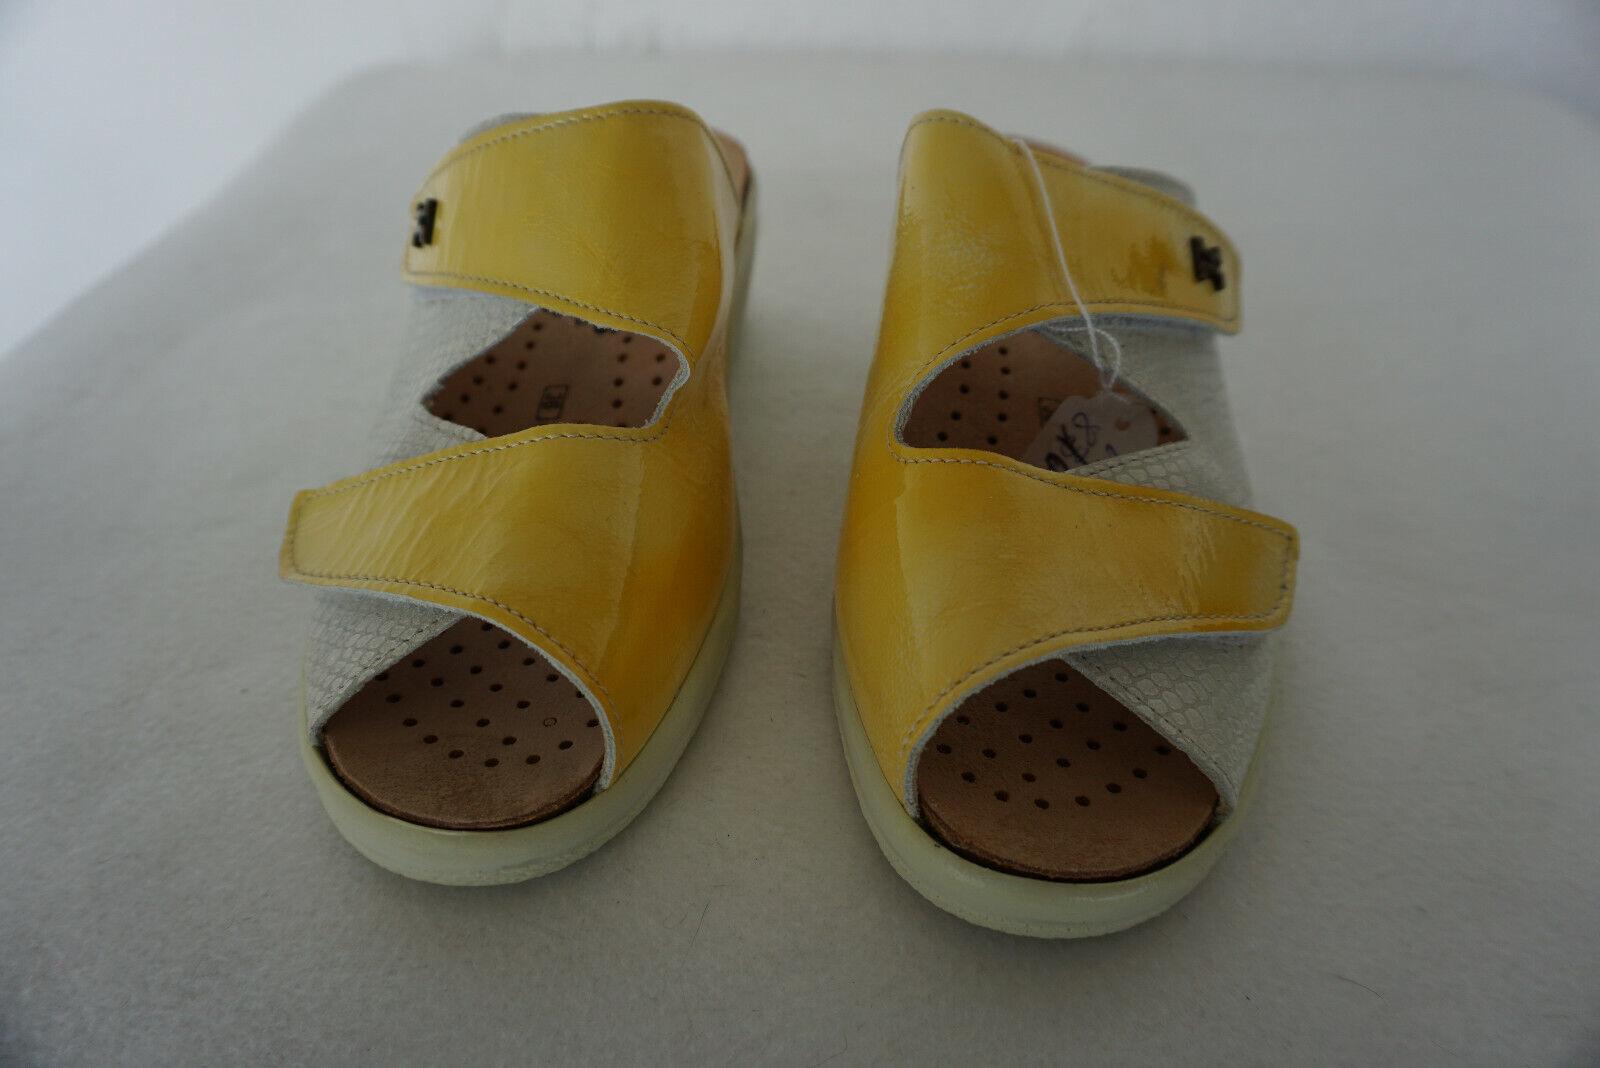 Orthopédiques Hartjes femmes Sandales Été chaussures Sabots velcro Taille 36 cuir Neuf